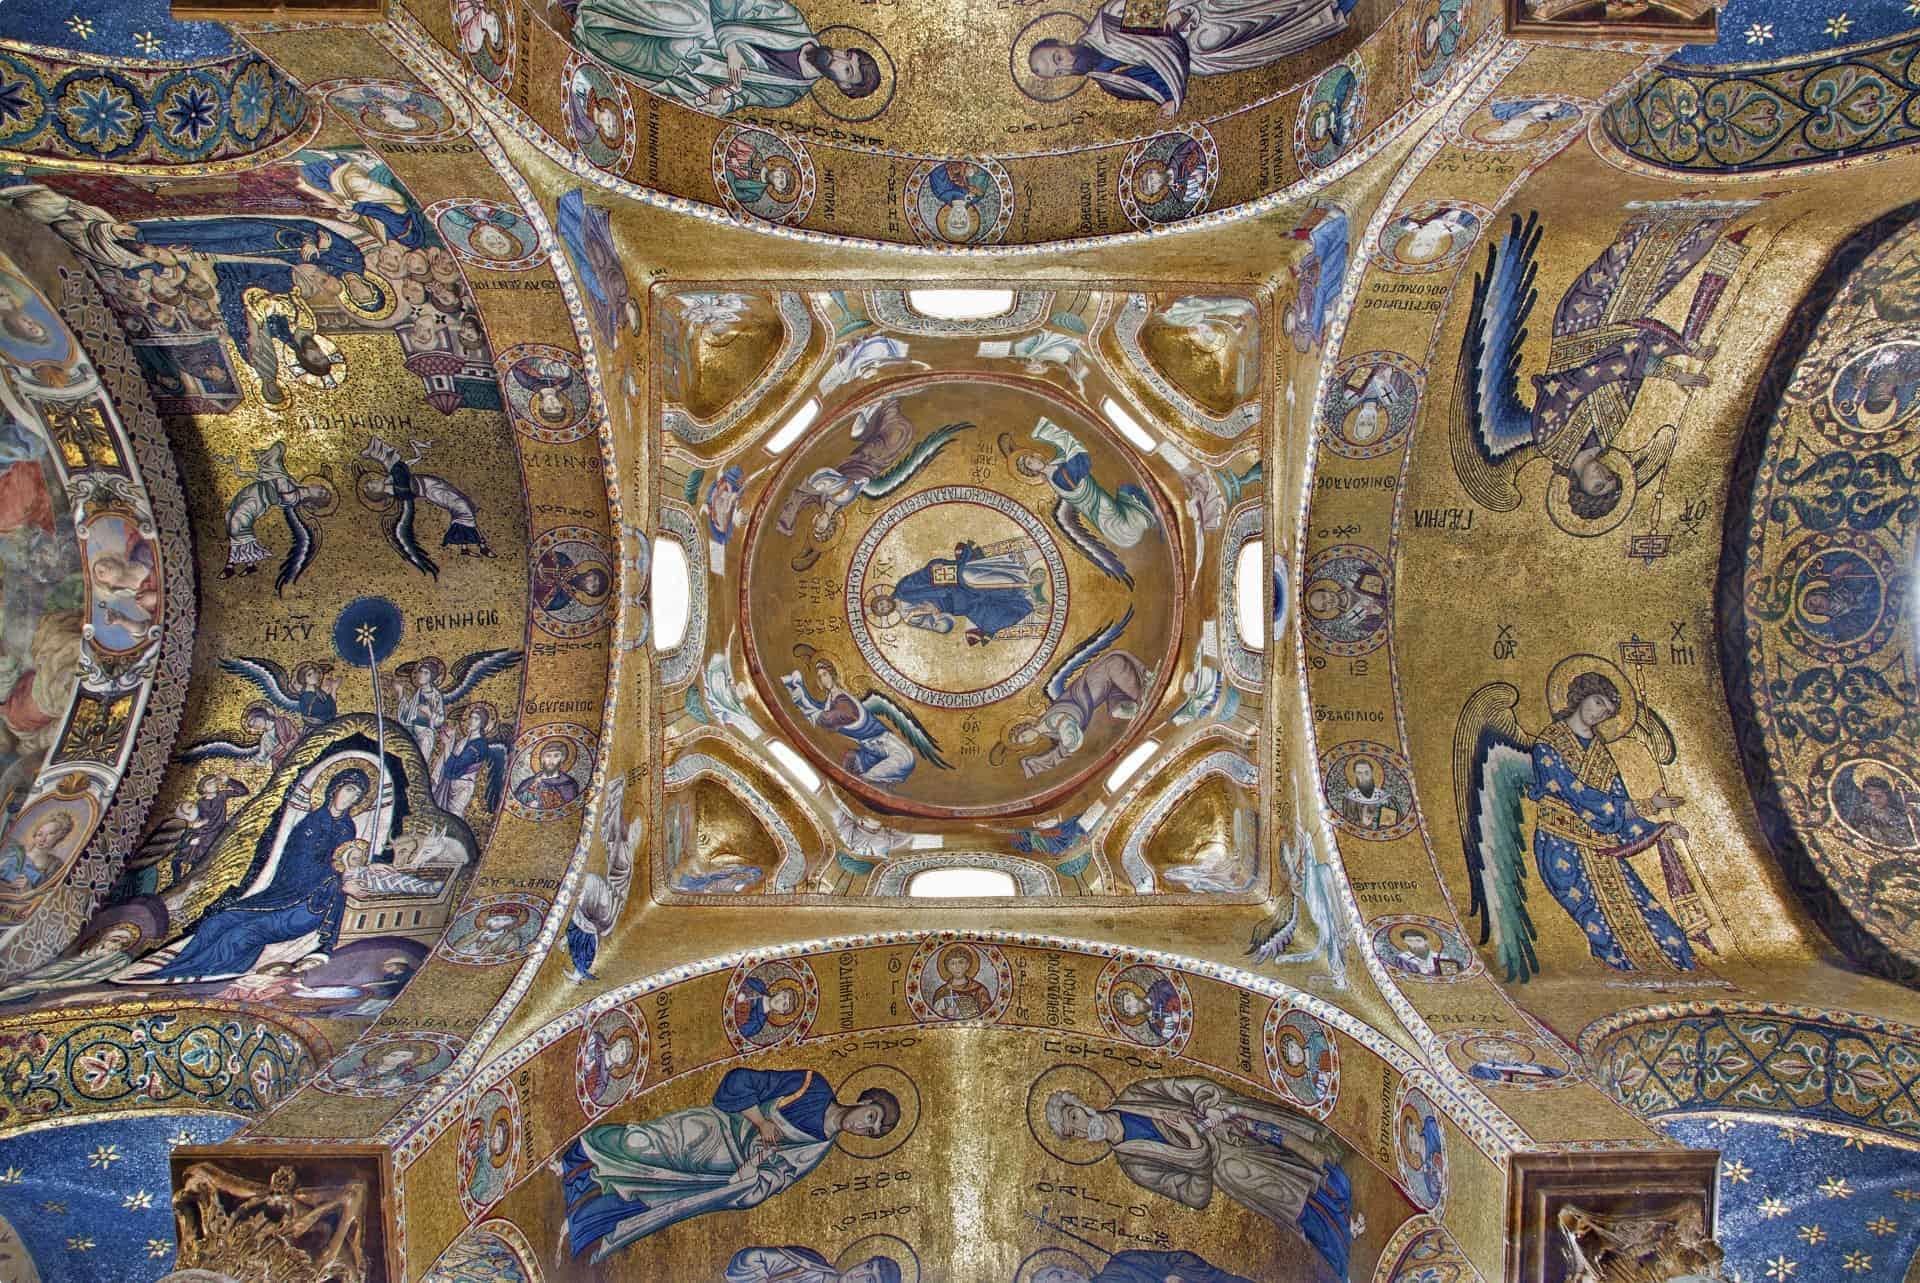 Mosaic from La Martorana, Sicily